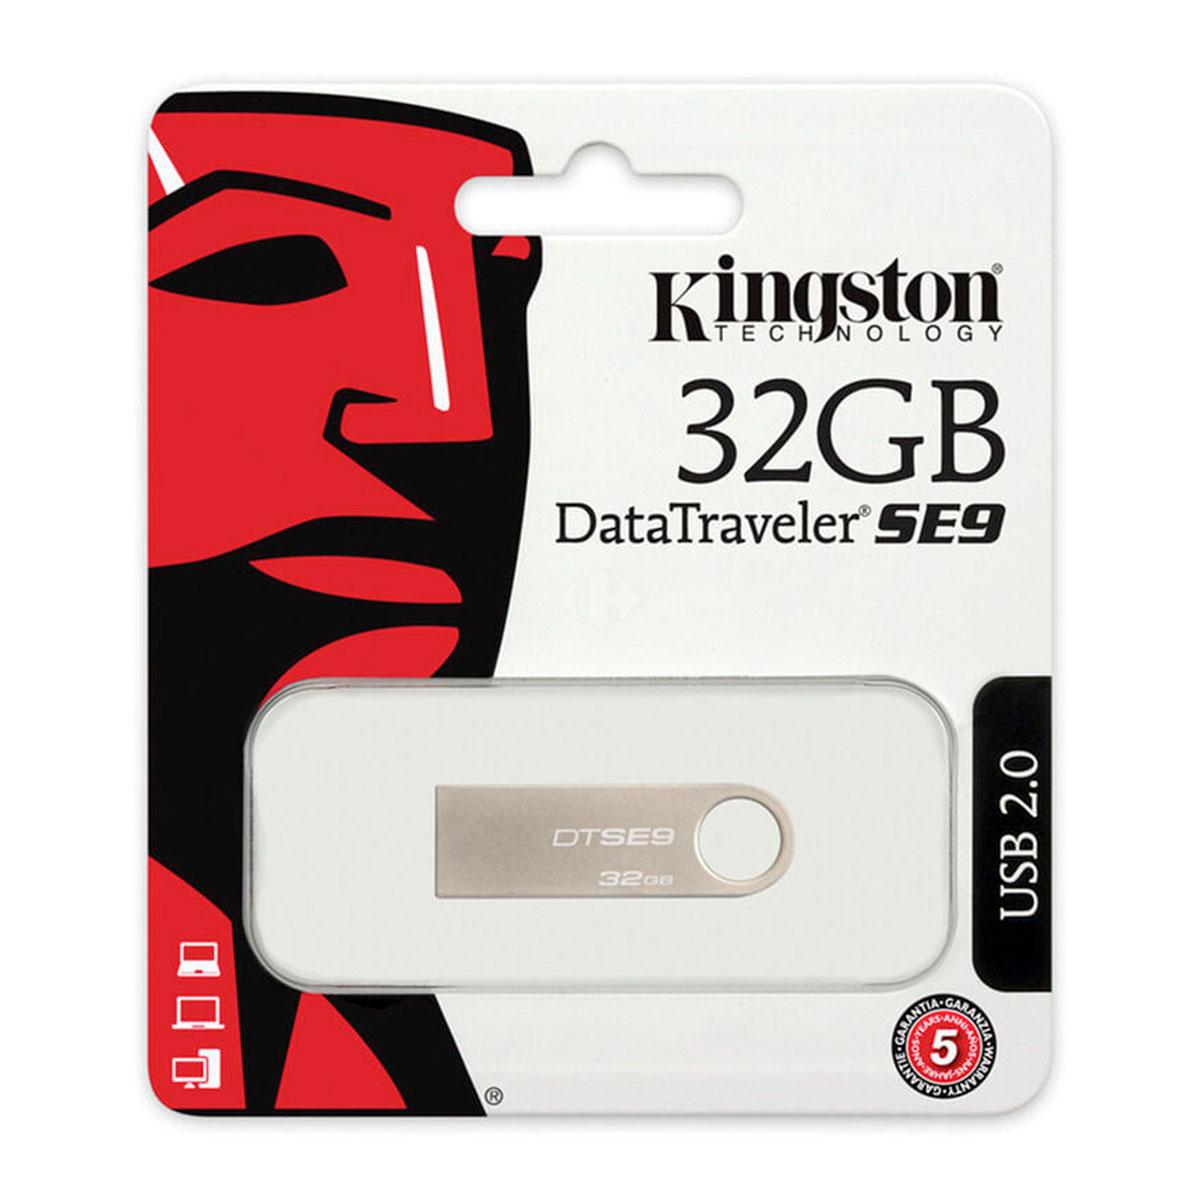 DTSE9H-32GB